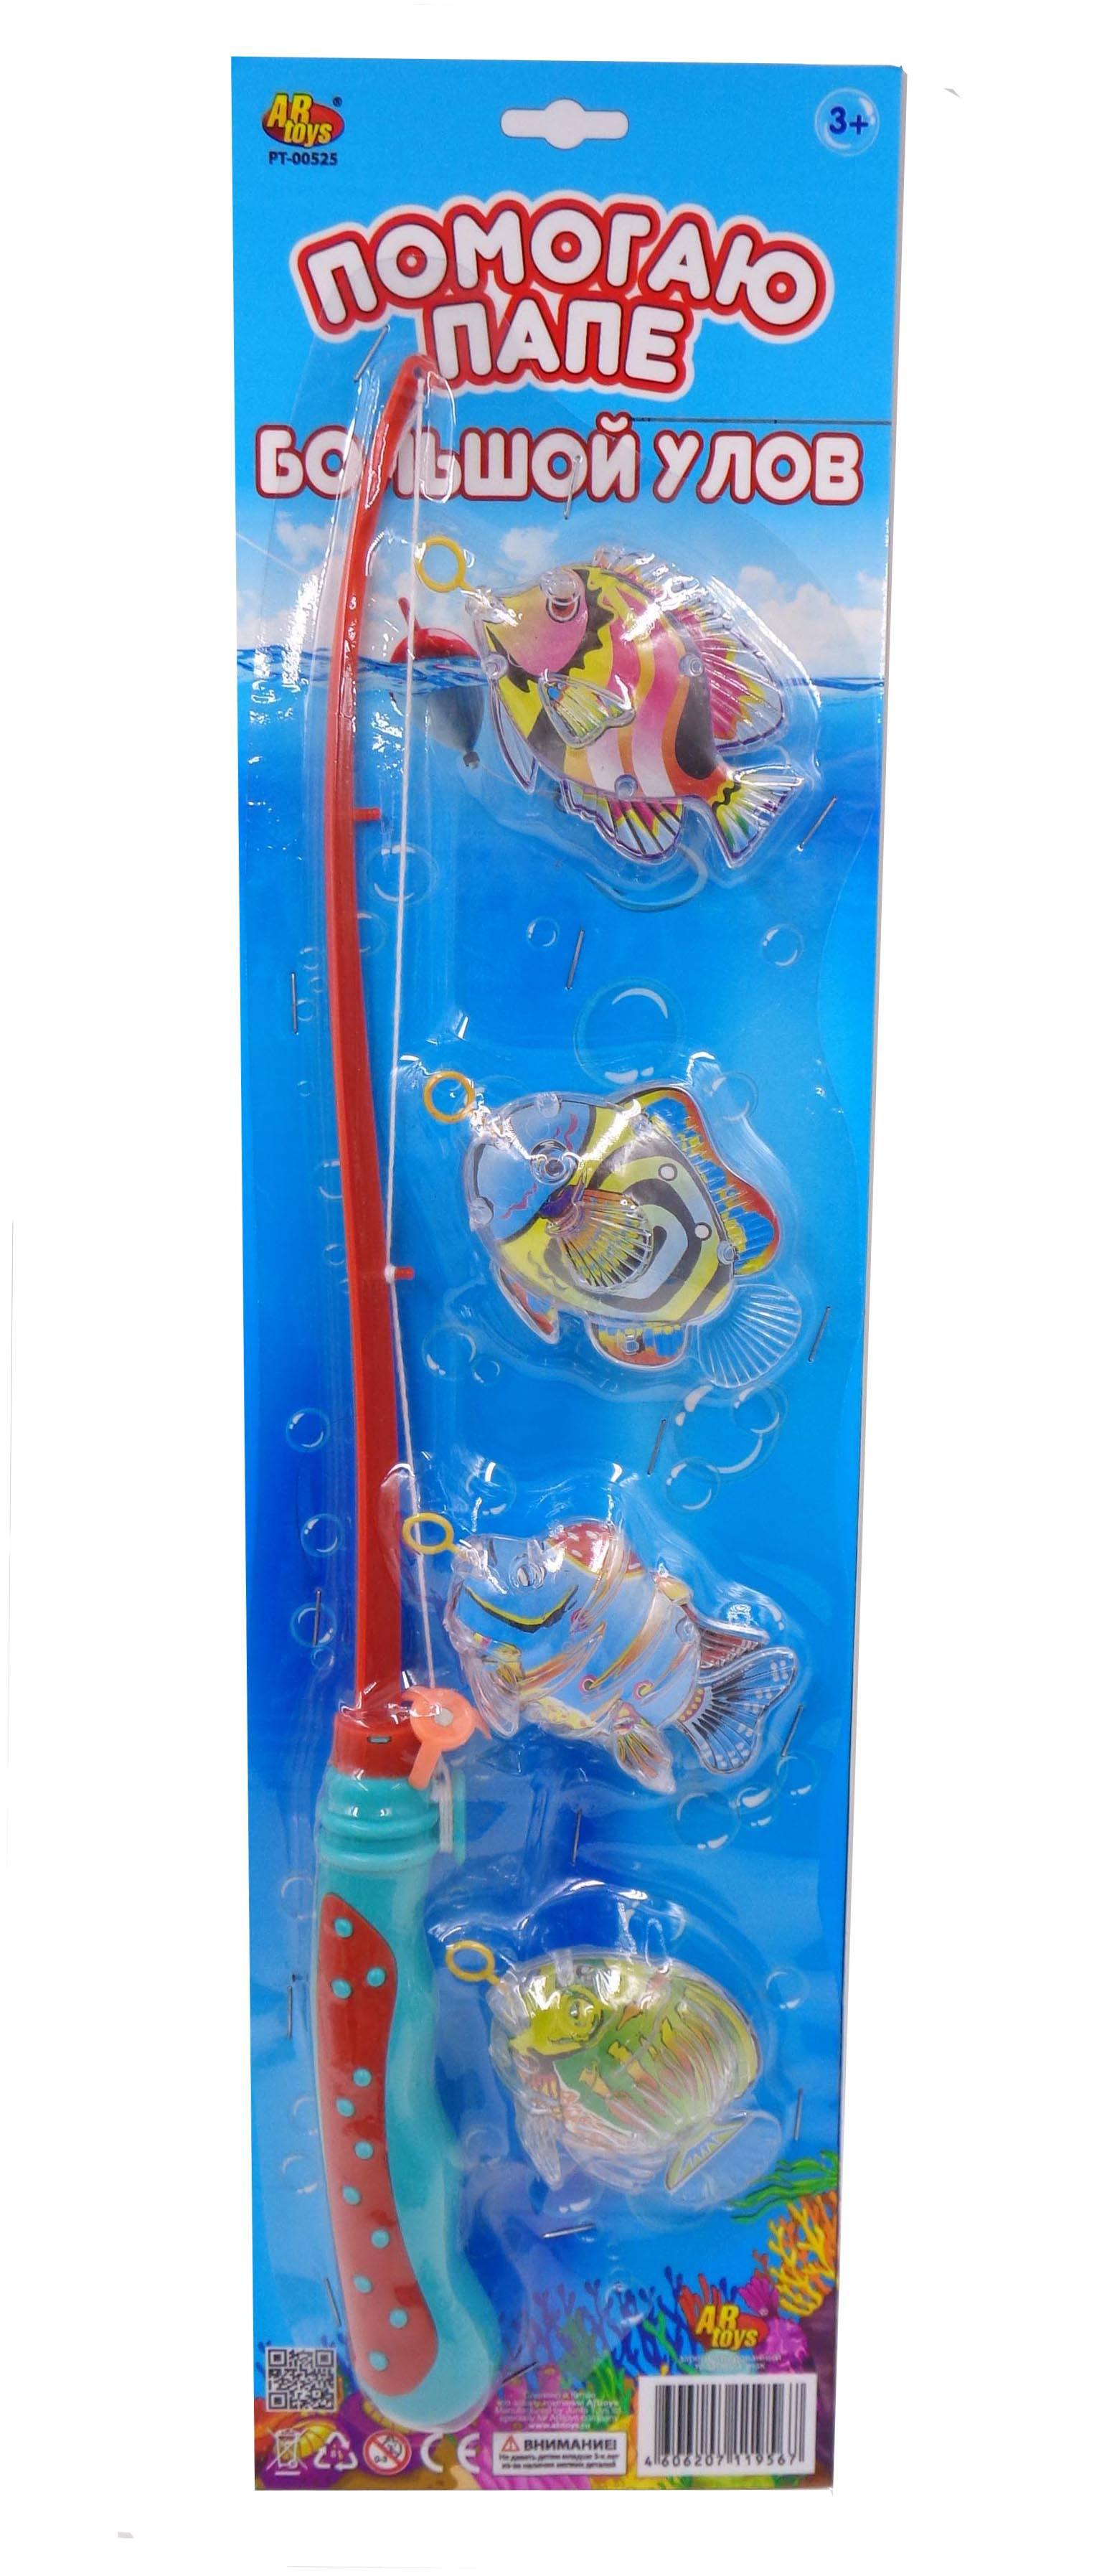 Купить Рыбалка - Большой улов, набор с 1-й удочкой и 4-мя рыбами ), ABtoys